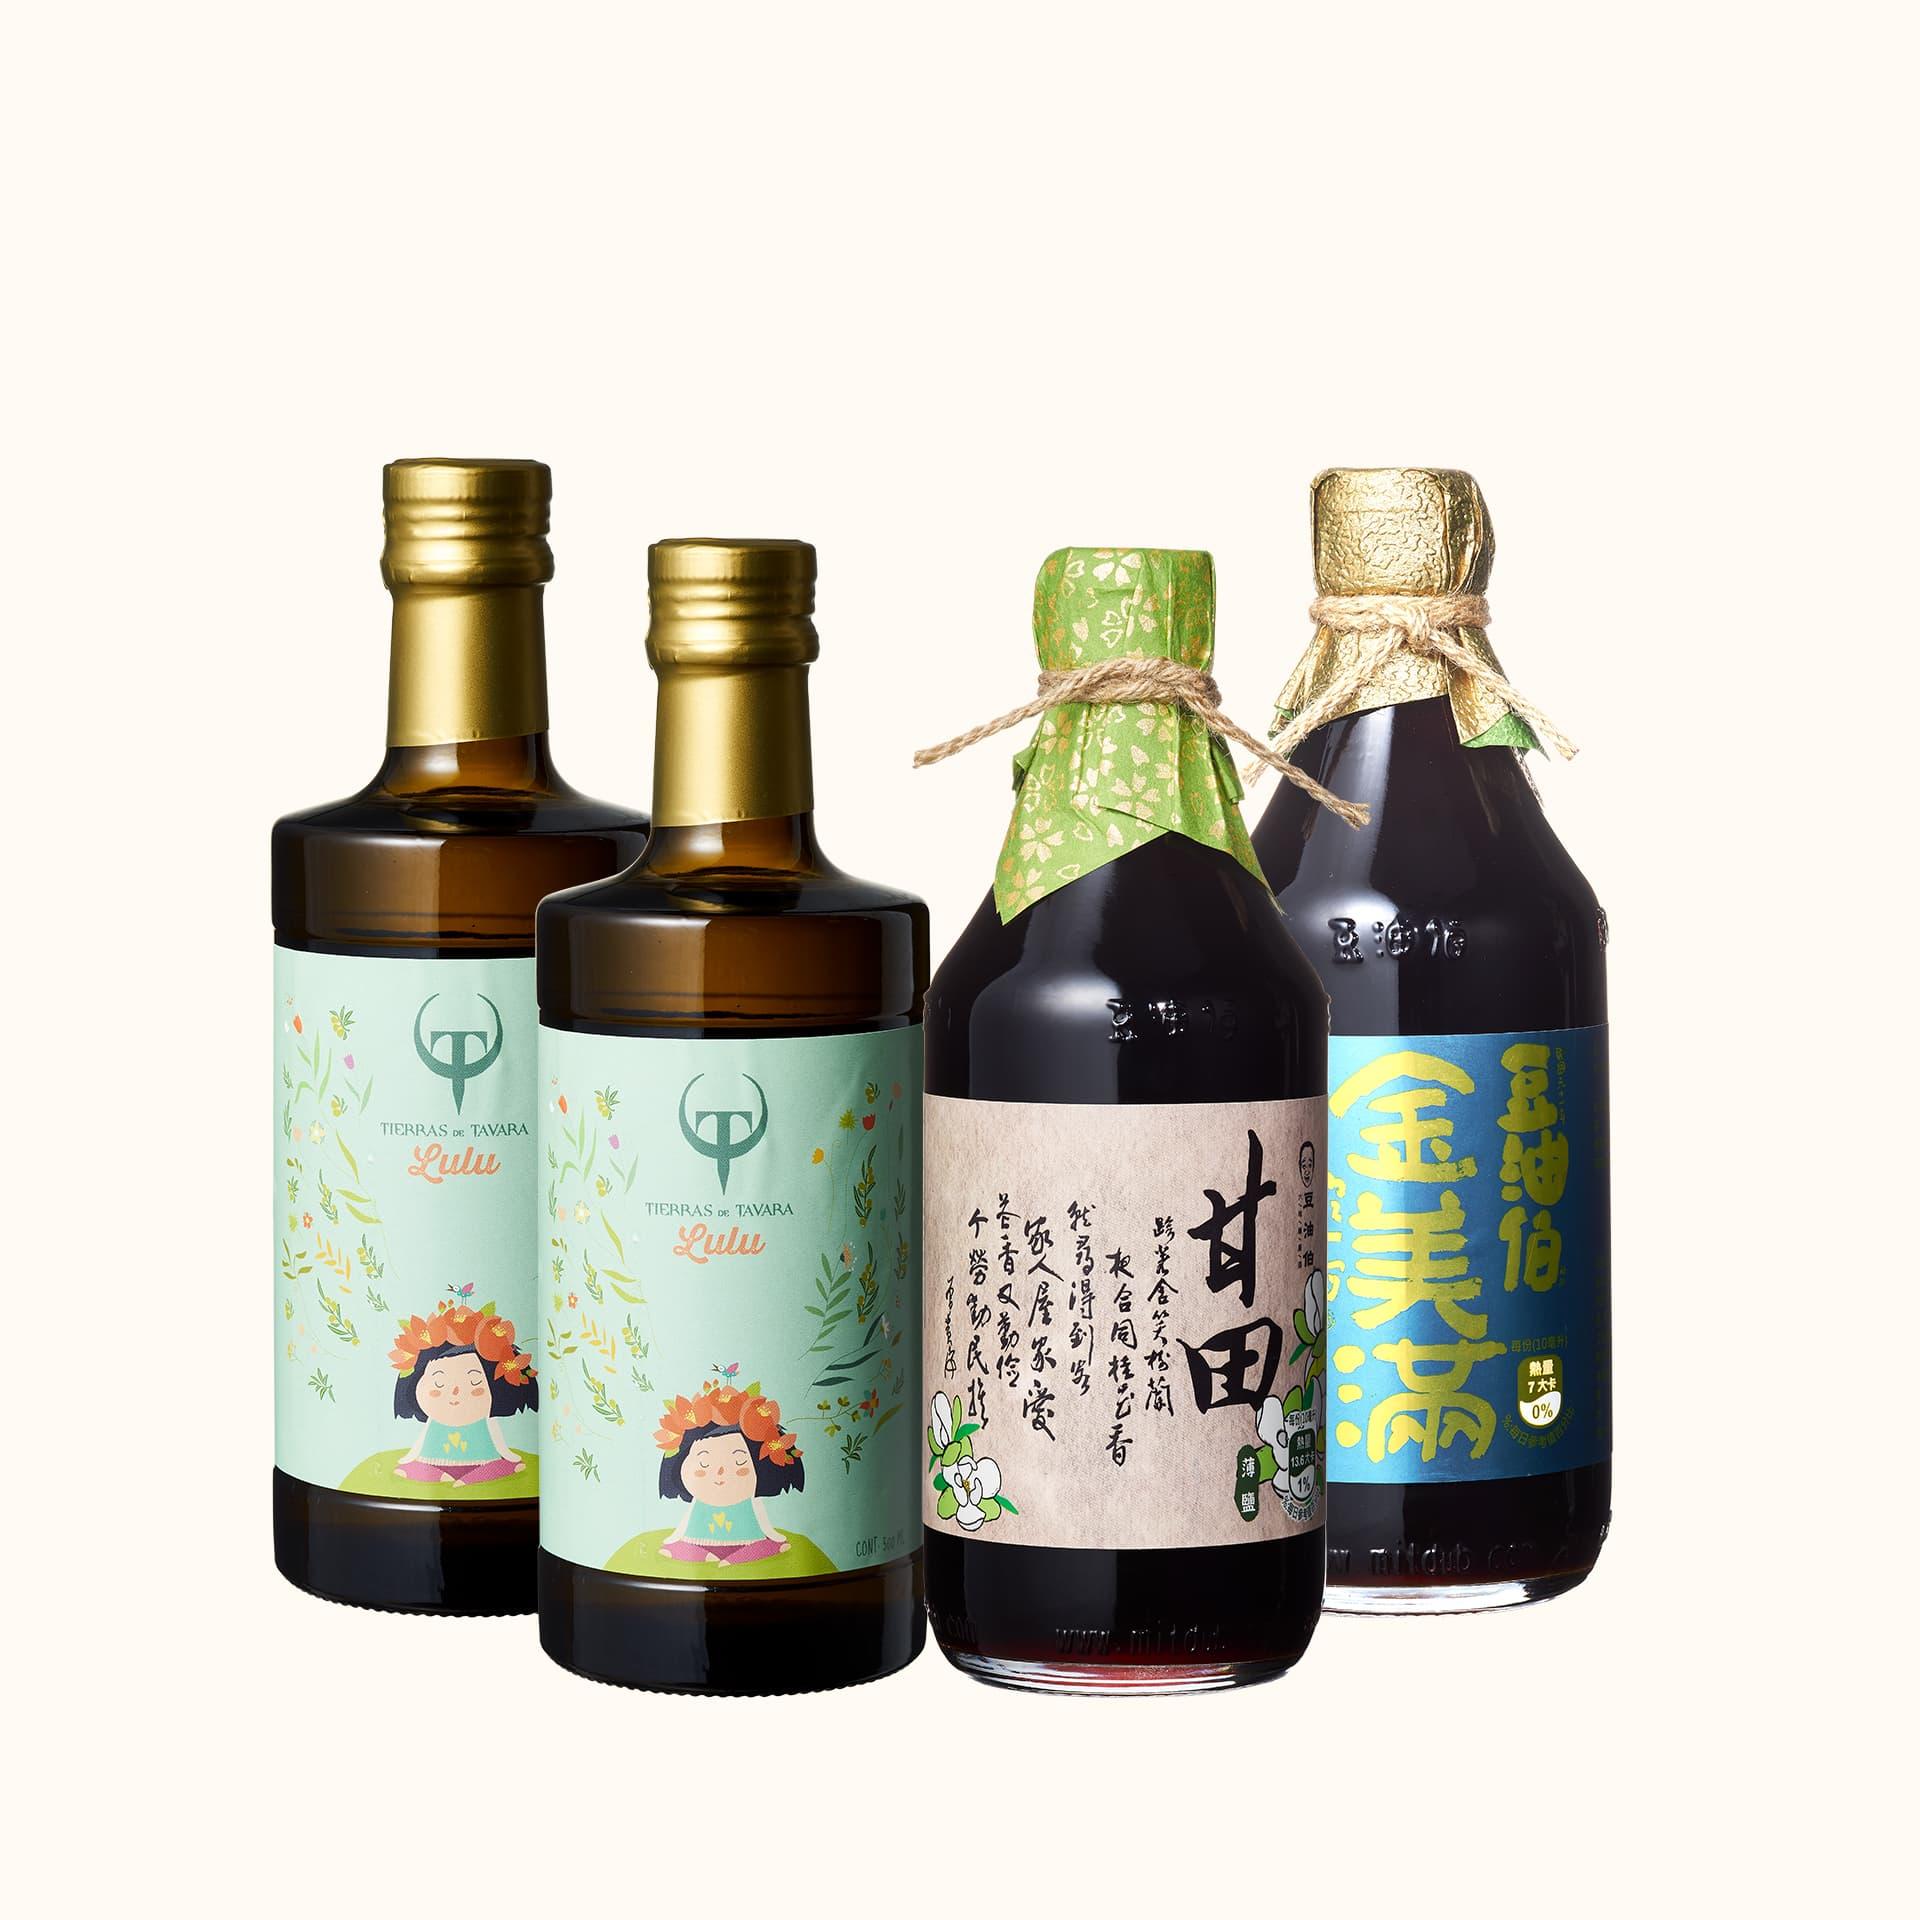 Lulus橄欖油2入+甘田醬油1入+金美滿醬油1入(共4入)